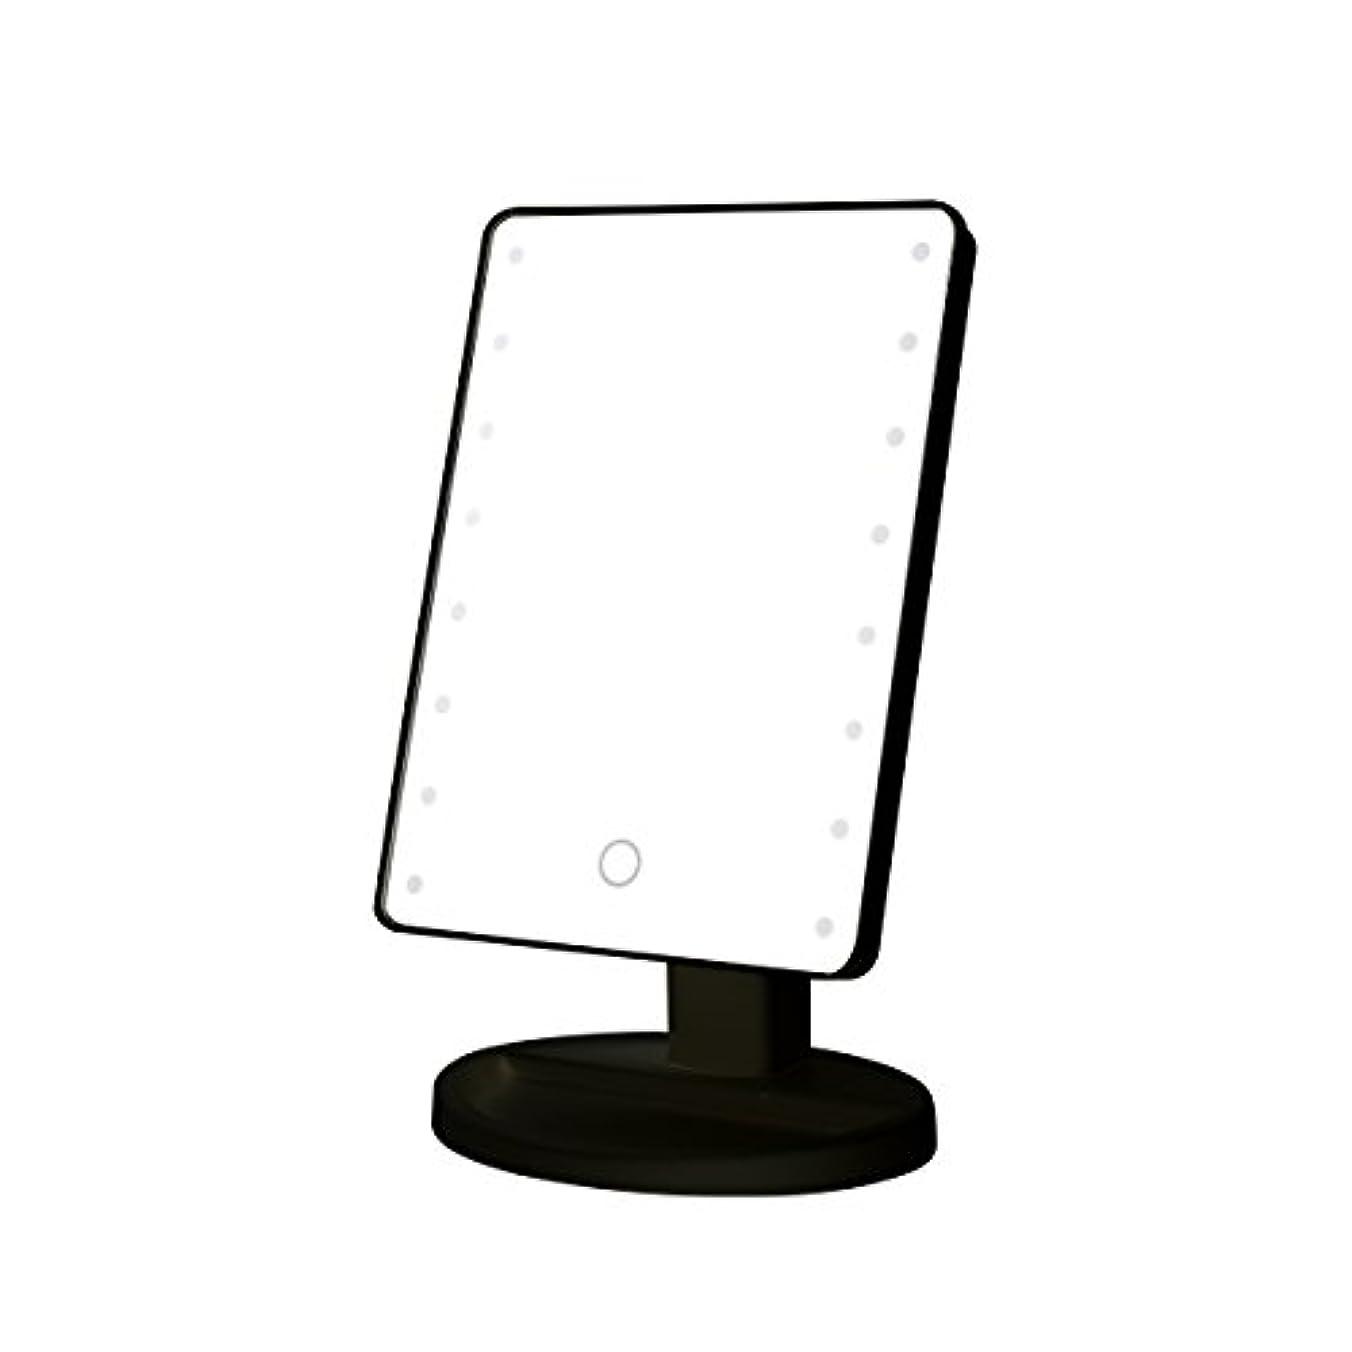 七面鳥スラッシュケープB-PING 鏡 卓上 化粧鏡 16LEDライト搭載 女優ミラー 卓上ミラー 180度回転 電池給電 プレゼント メイク 化粧道具 メイクアップミラー (ブラック )